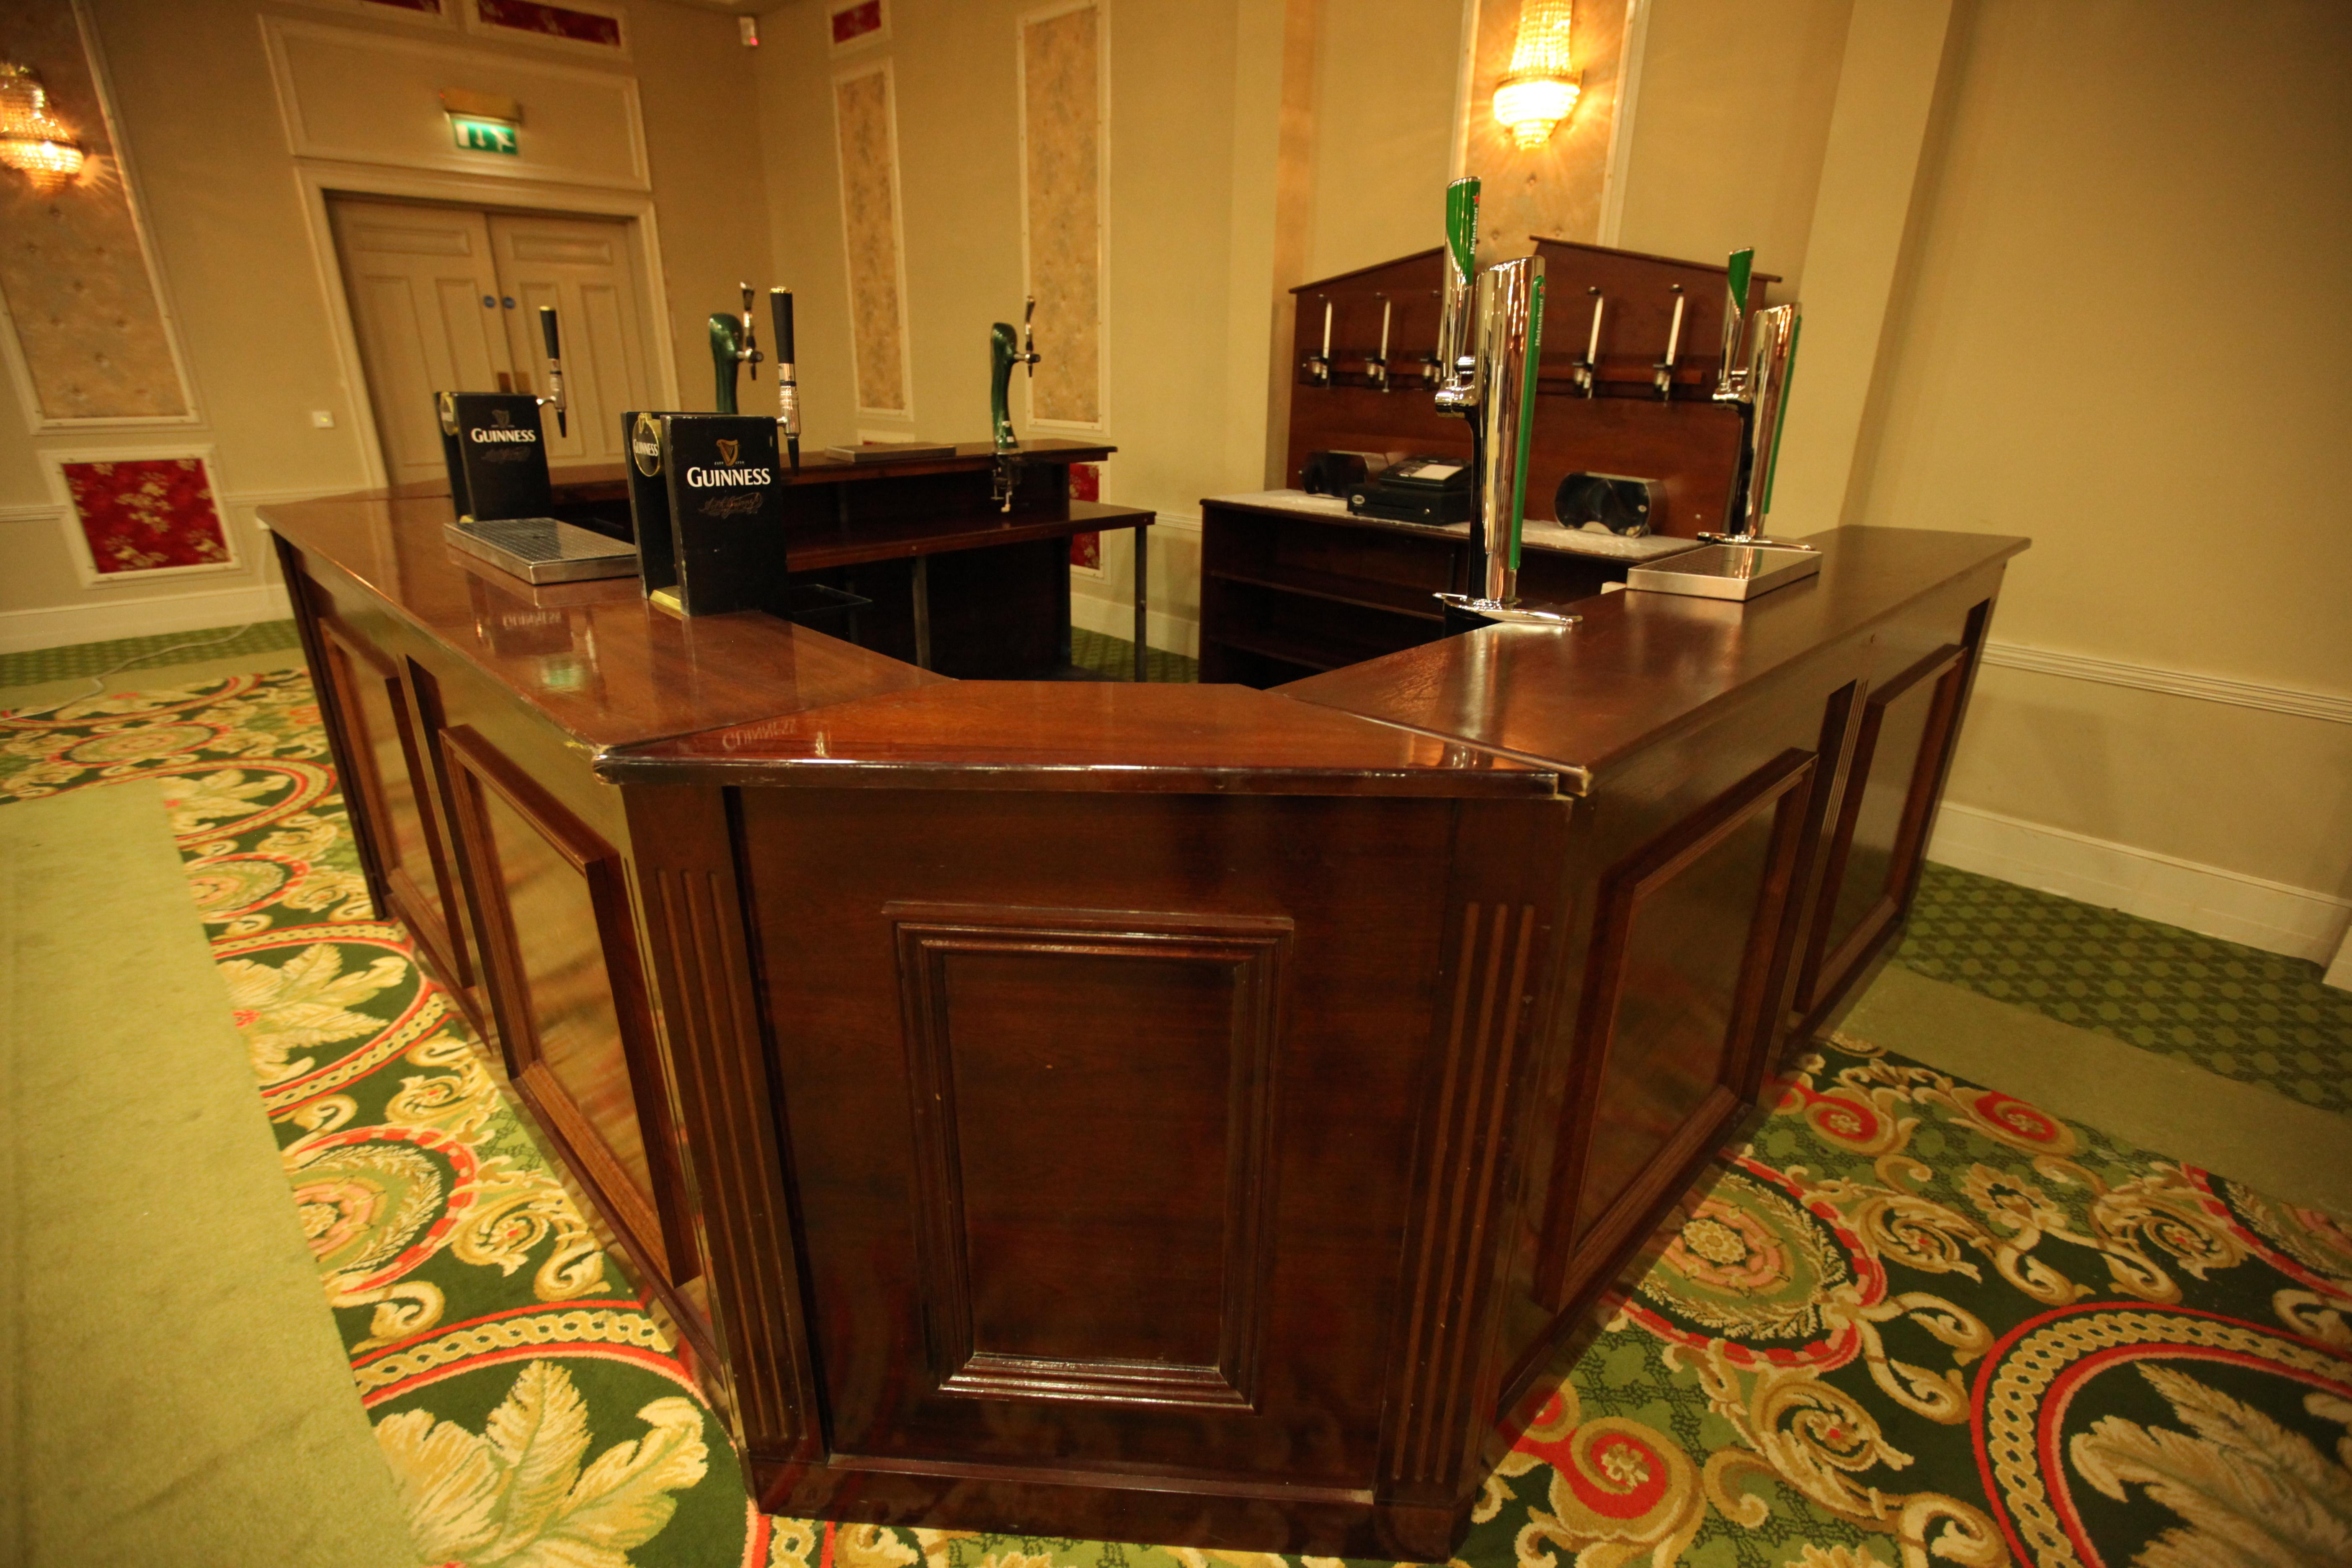 Banquet Bar 24ft Quot U Quot Shape Event Bars Ltd